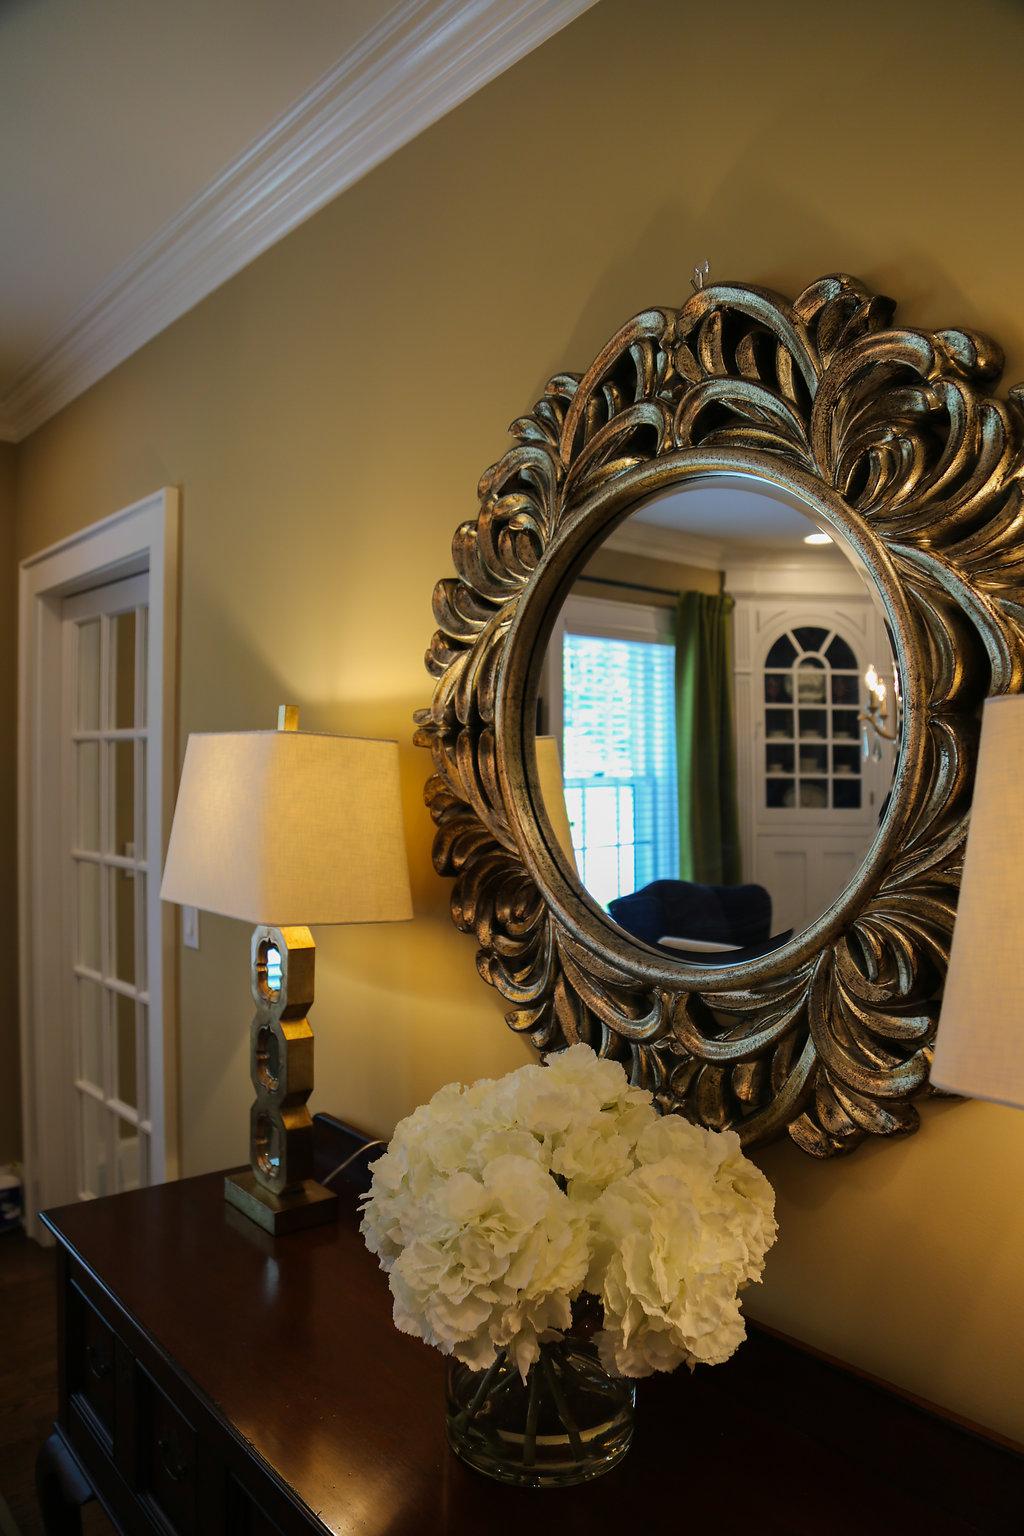 claihill farm mirror